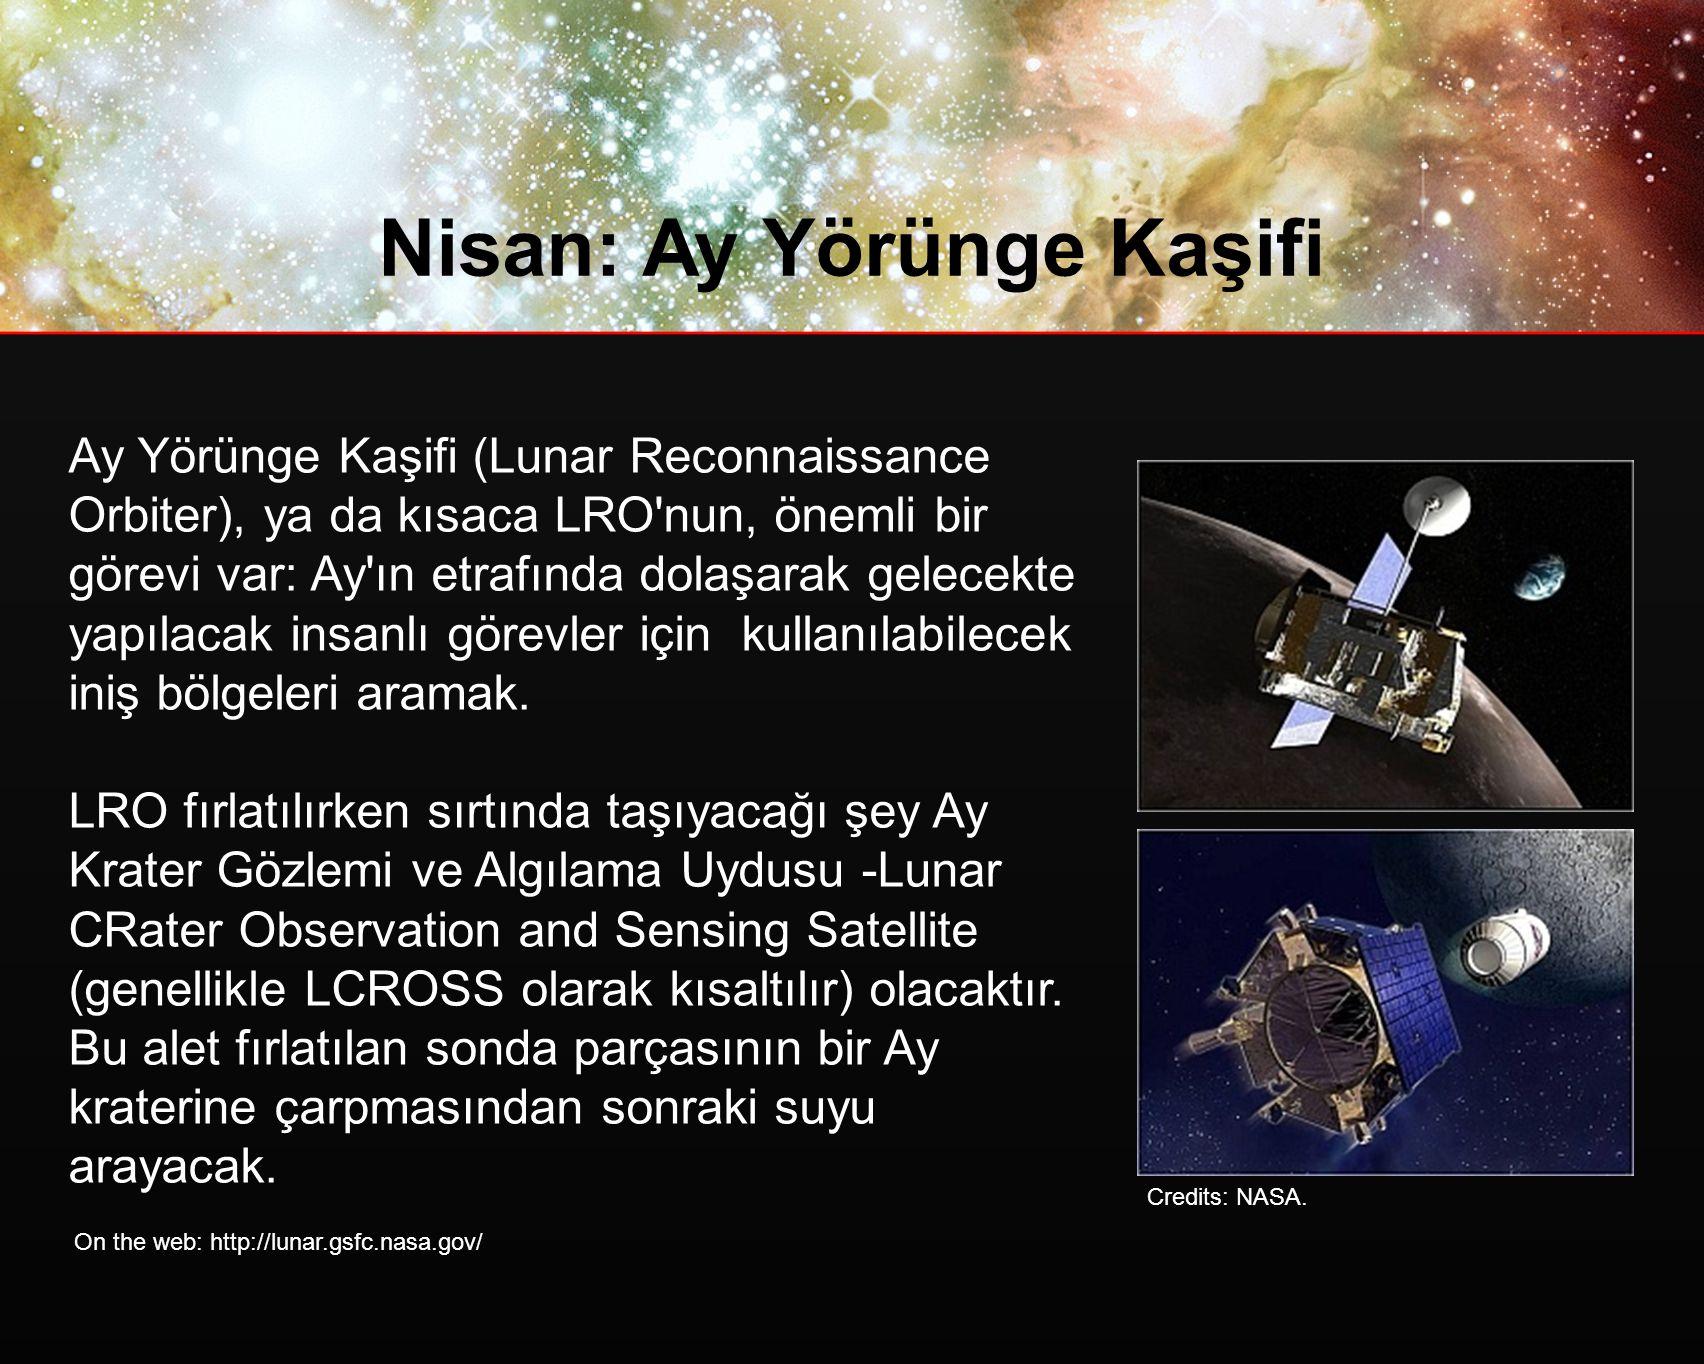 Nisan: Ay Yörünge Kaşifi Ay Yörünge Kaşifi (Lunar Reconnaissance Orbiter), ya da kısaca LRO nun, önemli bir görevi var: Ay ın etrafında dolaşarak gelecekte yapılacak insanlı görevler için kullanılabilecek iniş bölgeleri aramak.